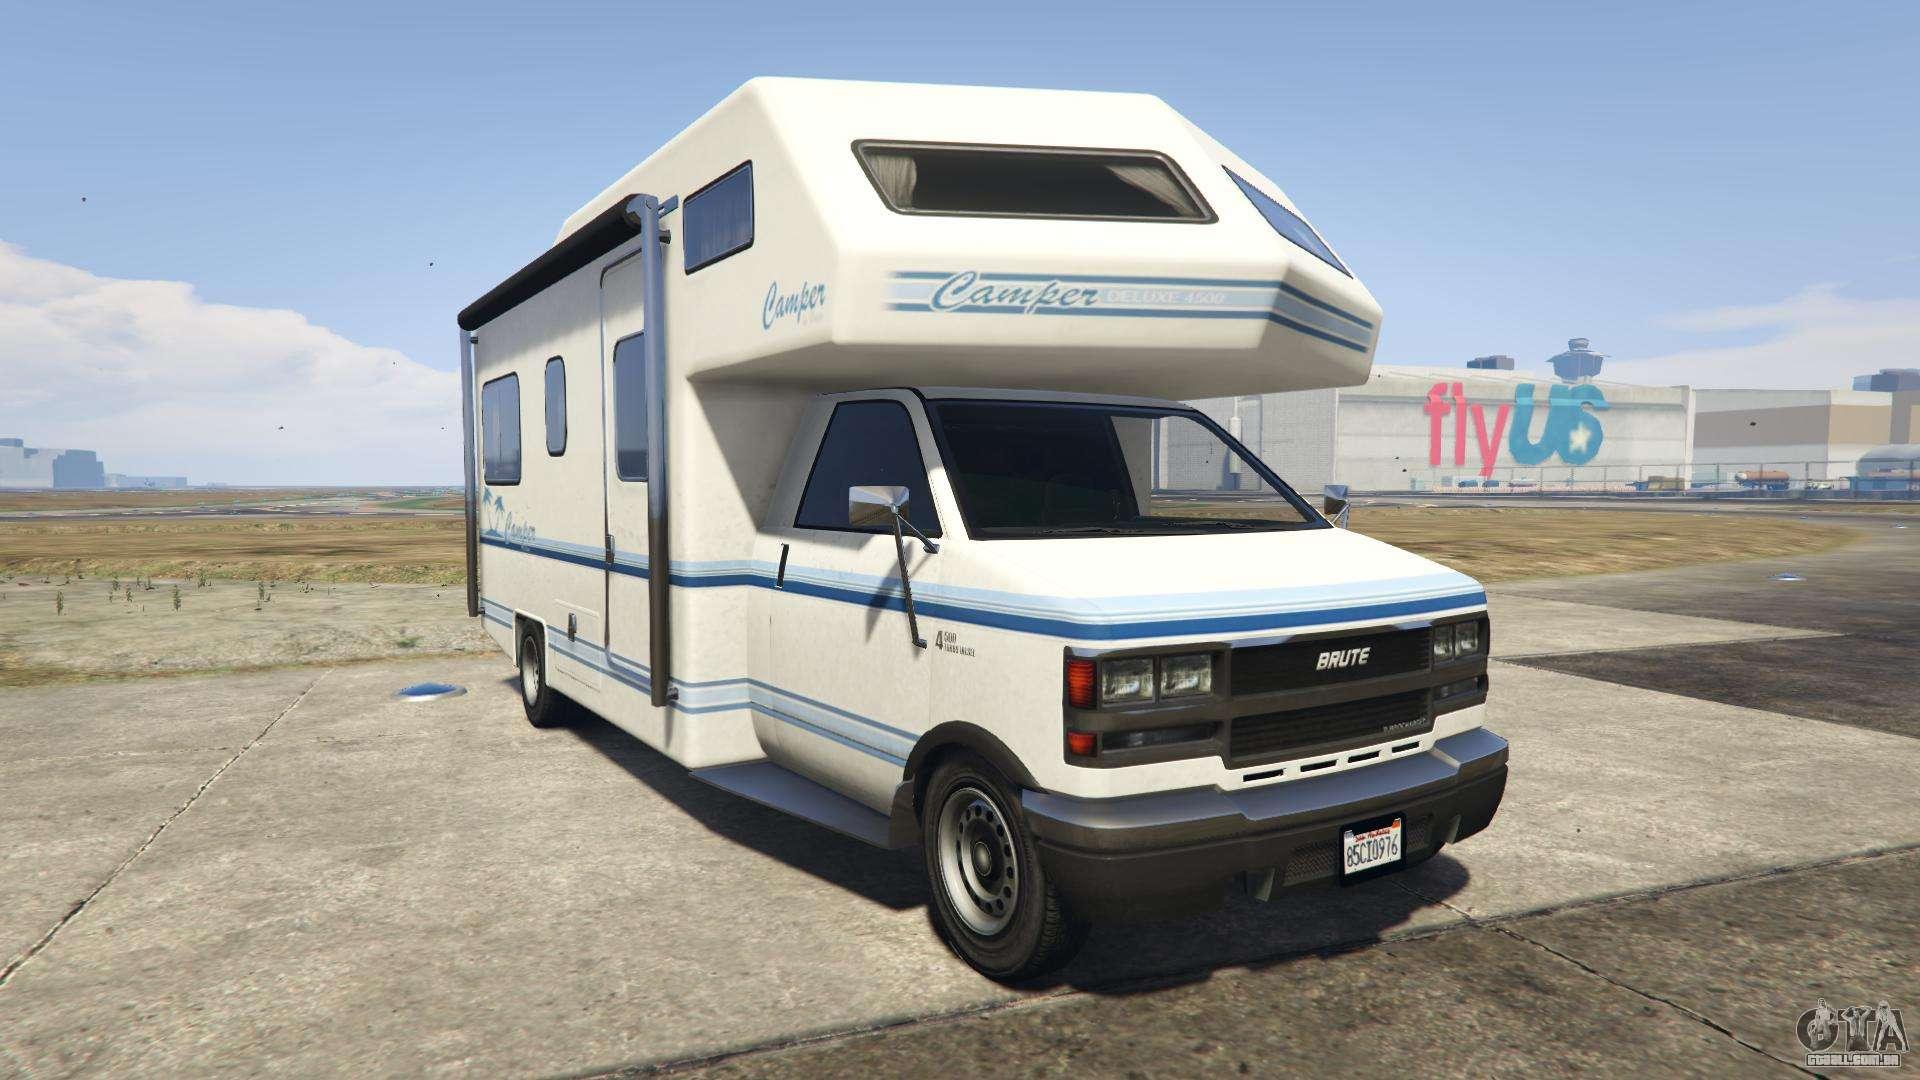 GTA 5 Brute Camper - vista frontal